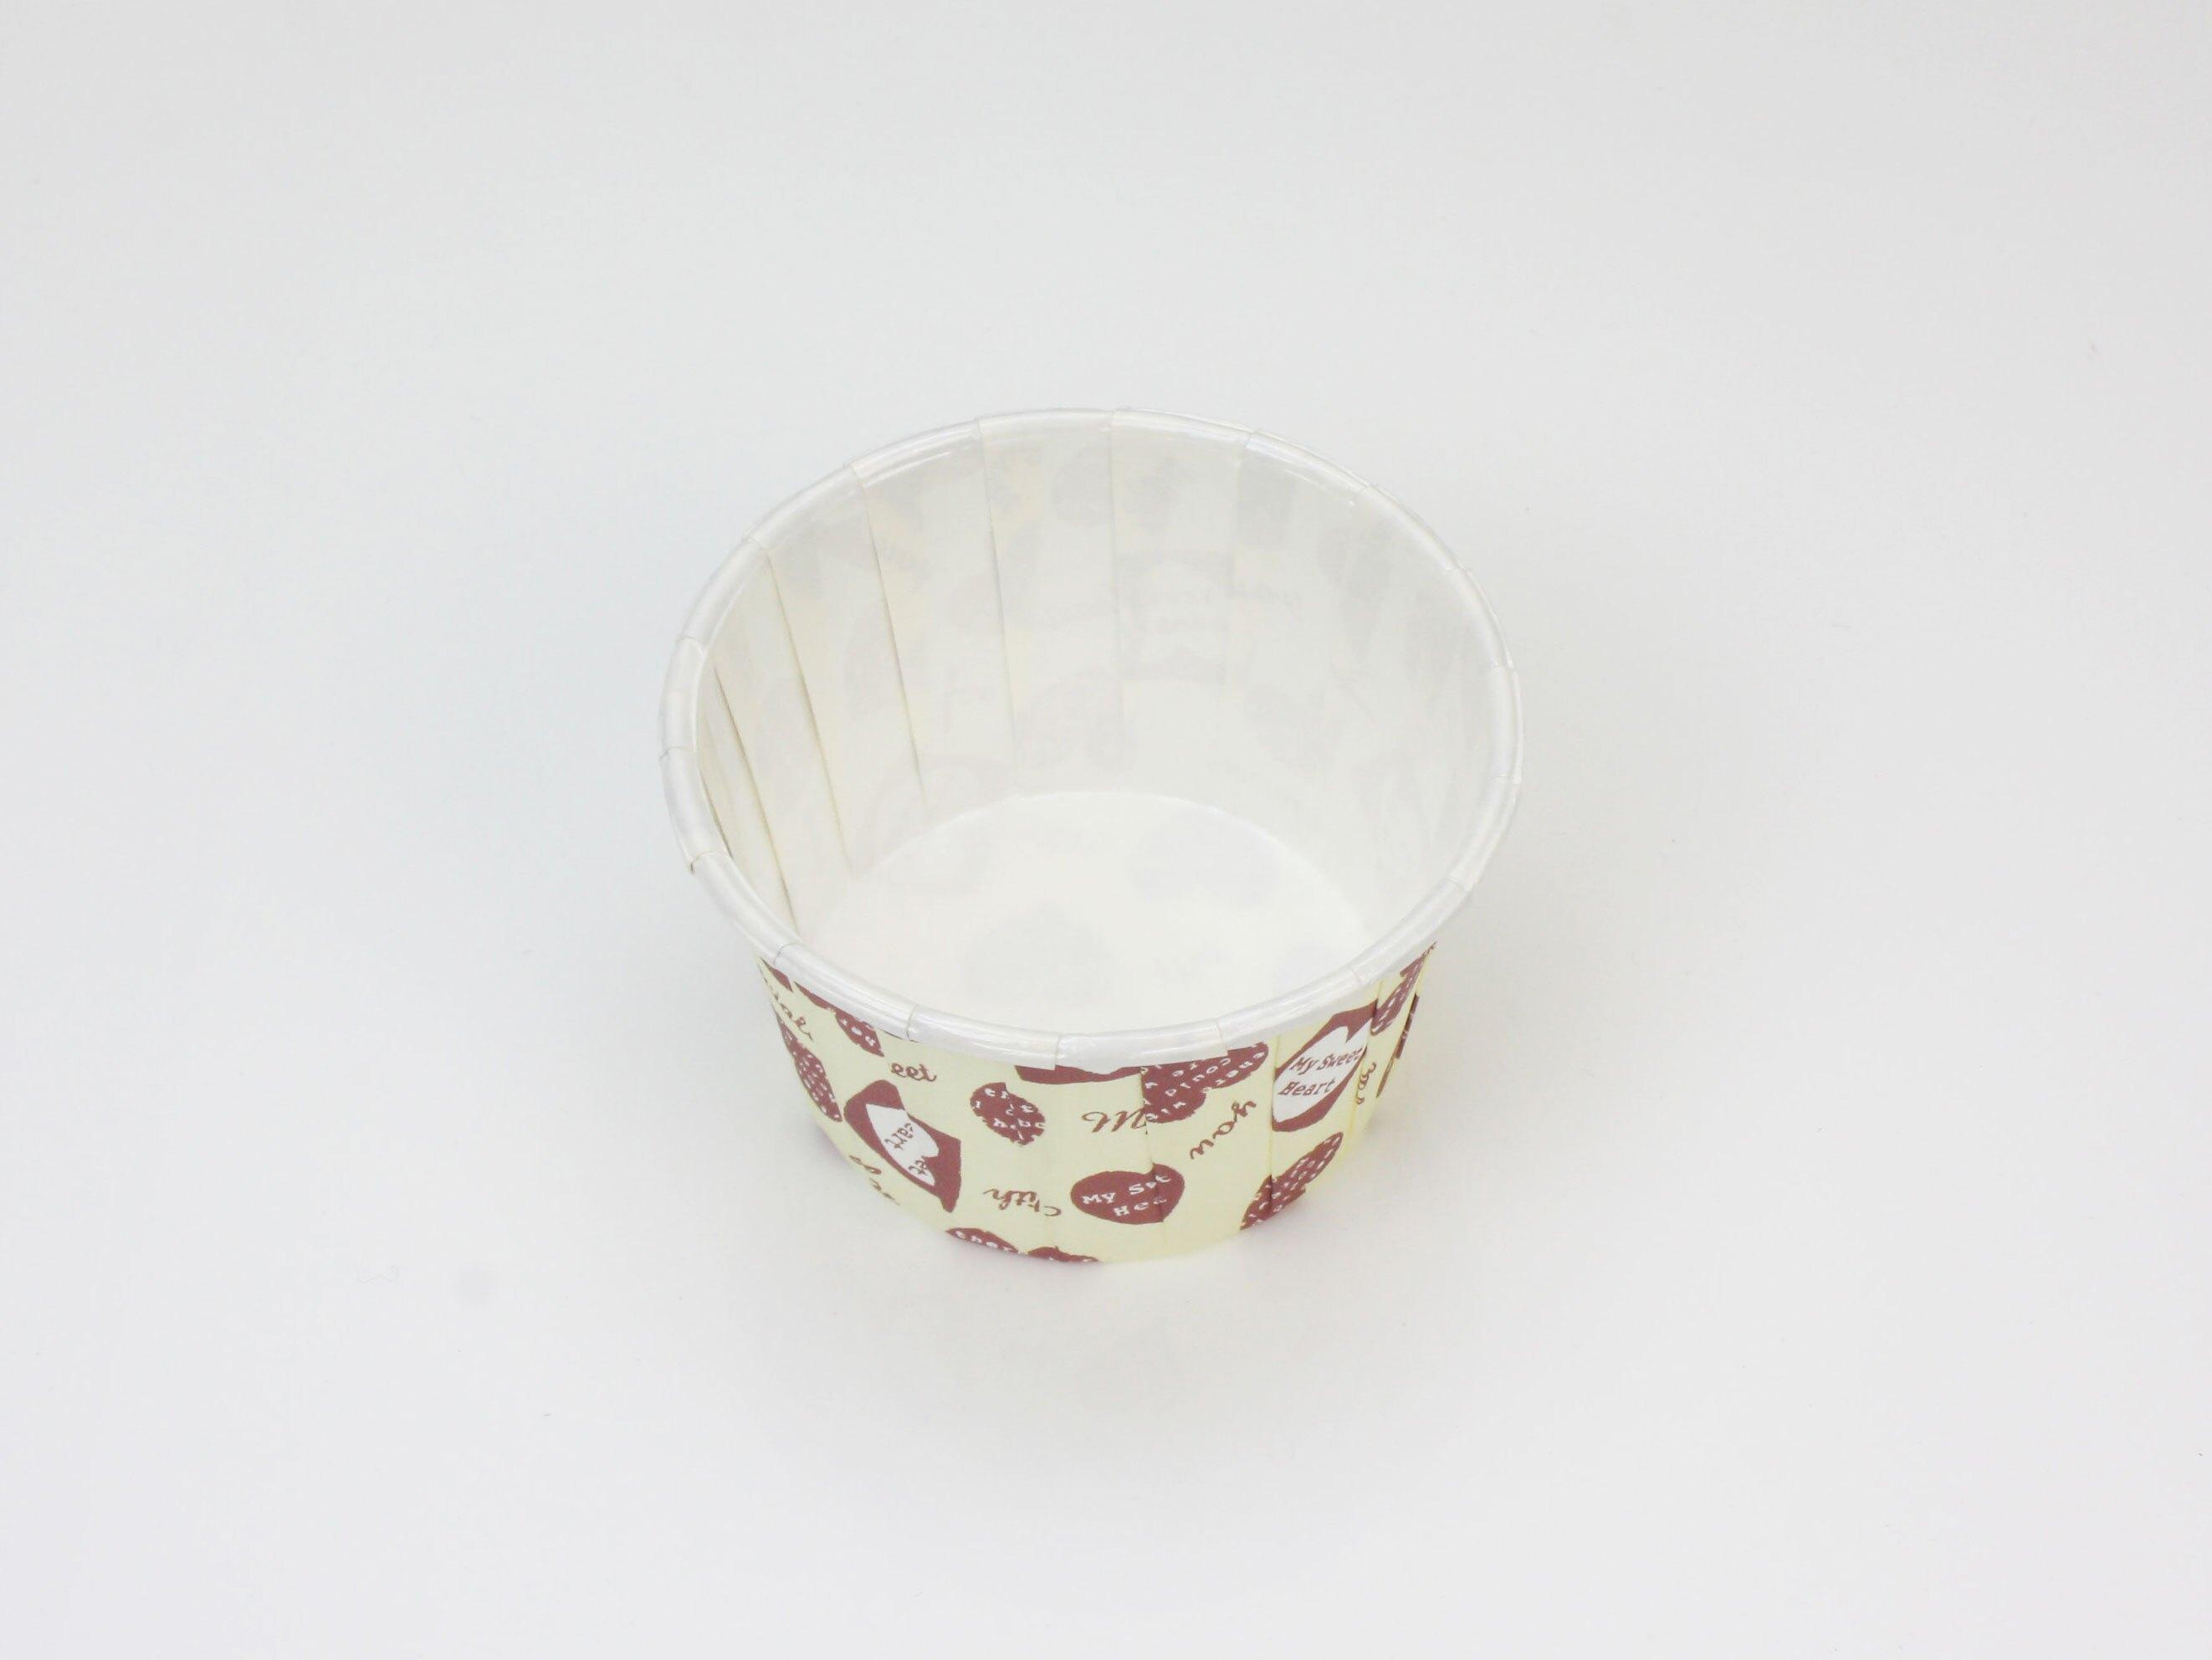 【PET4435】瑪芬杯、杯子蛋糕、捲口杯(米底愛心)(100個/包)